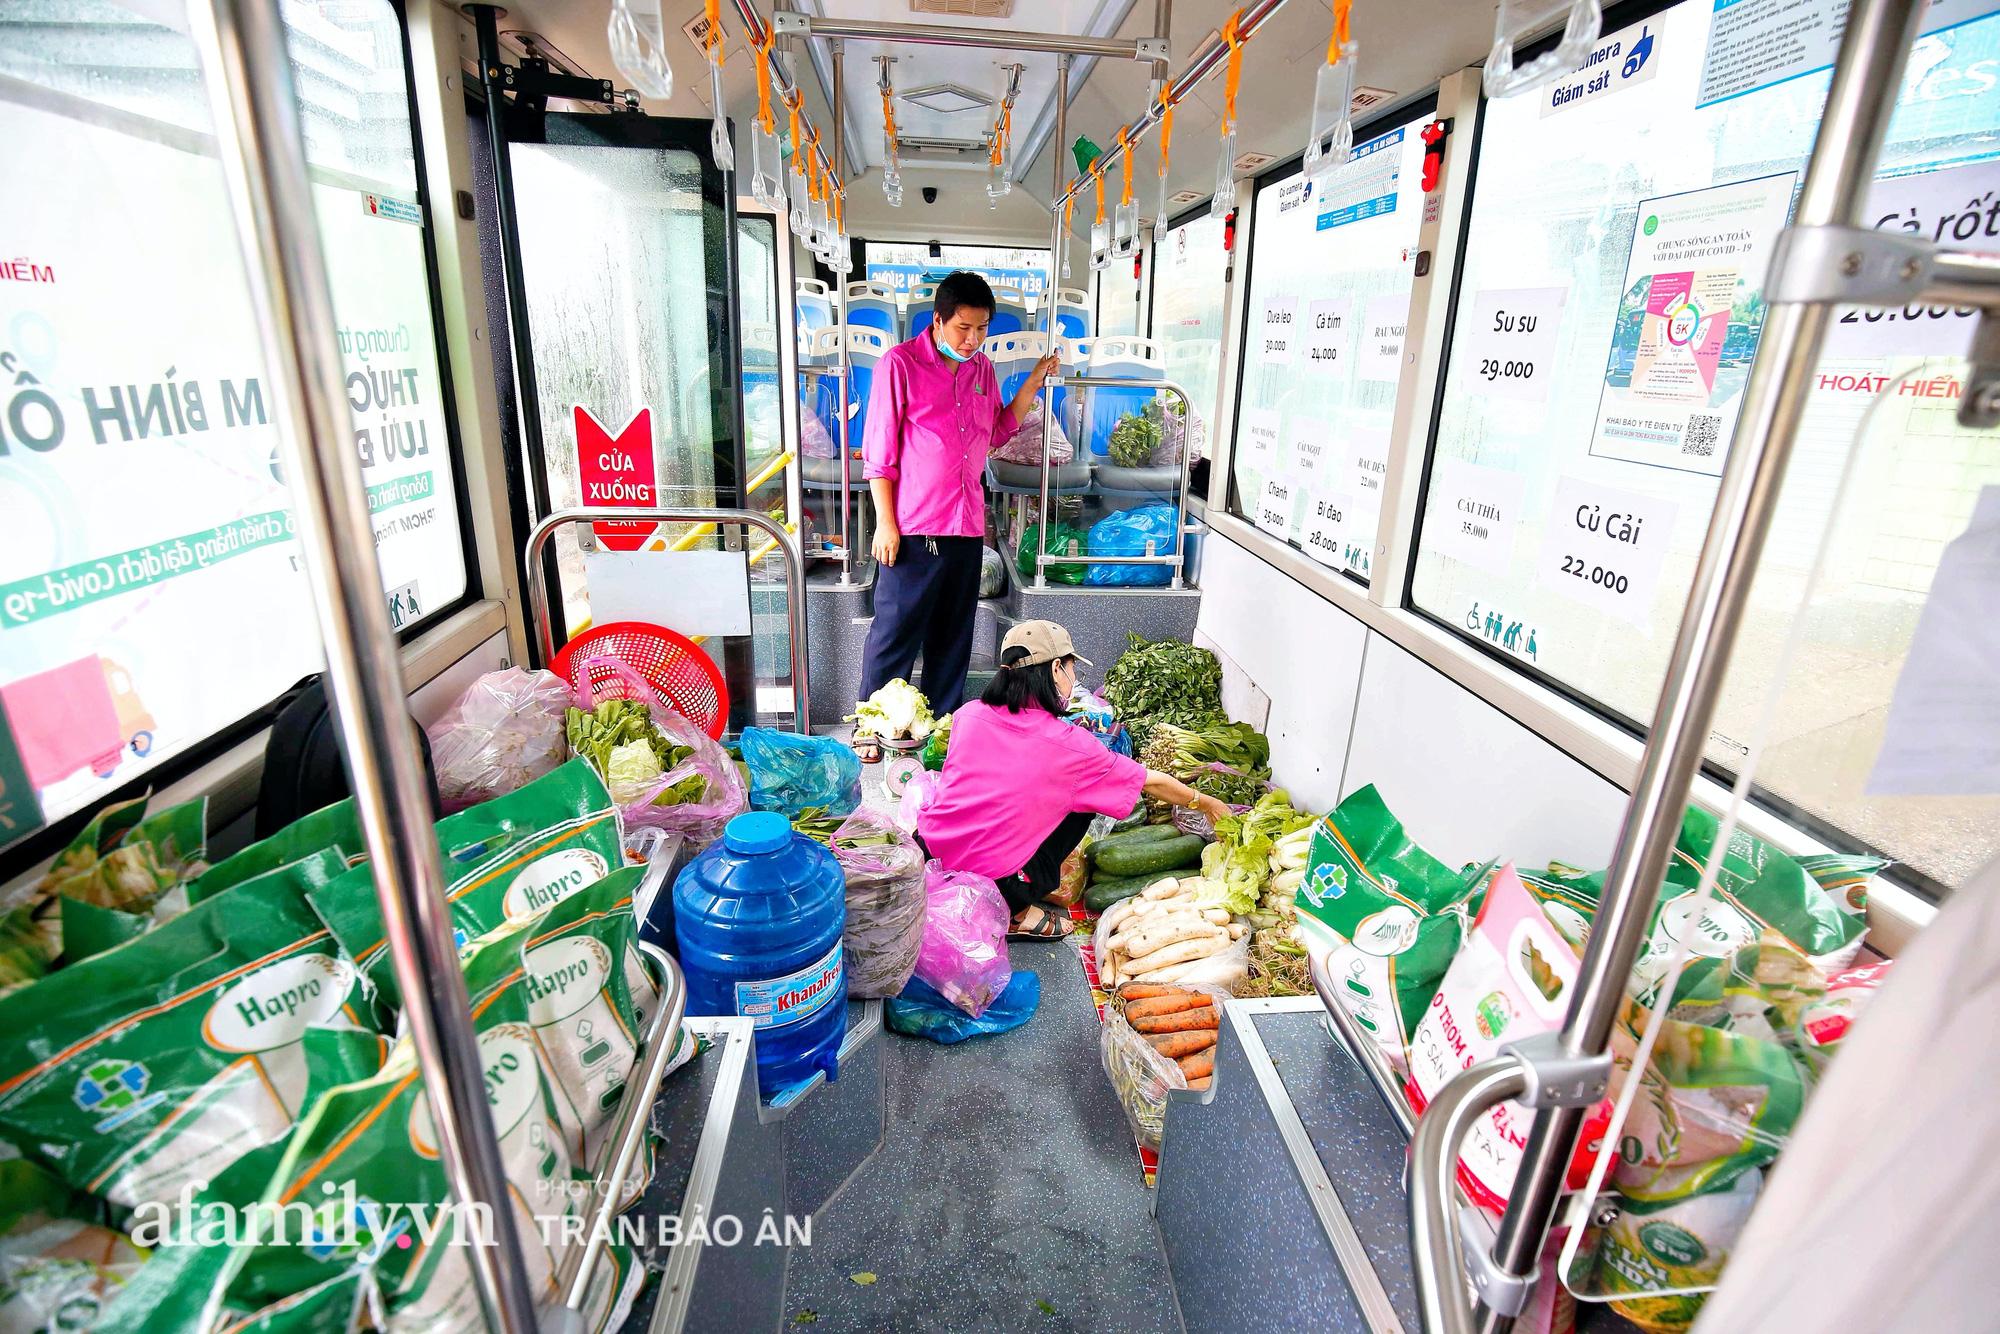 Người Sài Gòn lên xe buýt để... mua rau củ, thịt cá giá bình ổn, đảm bảo an toàn đủ các bước nhưng quan trọng chất lượng liệu ra sao? - Ảnh 5.